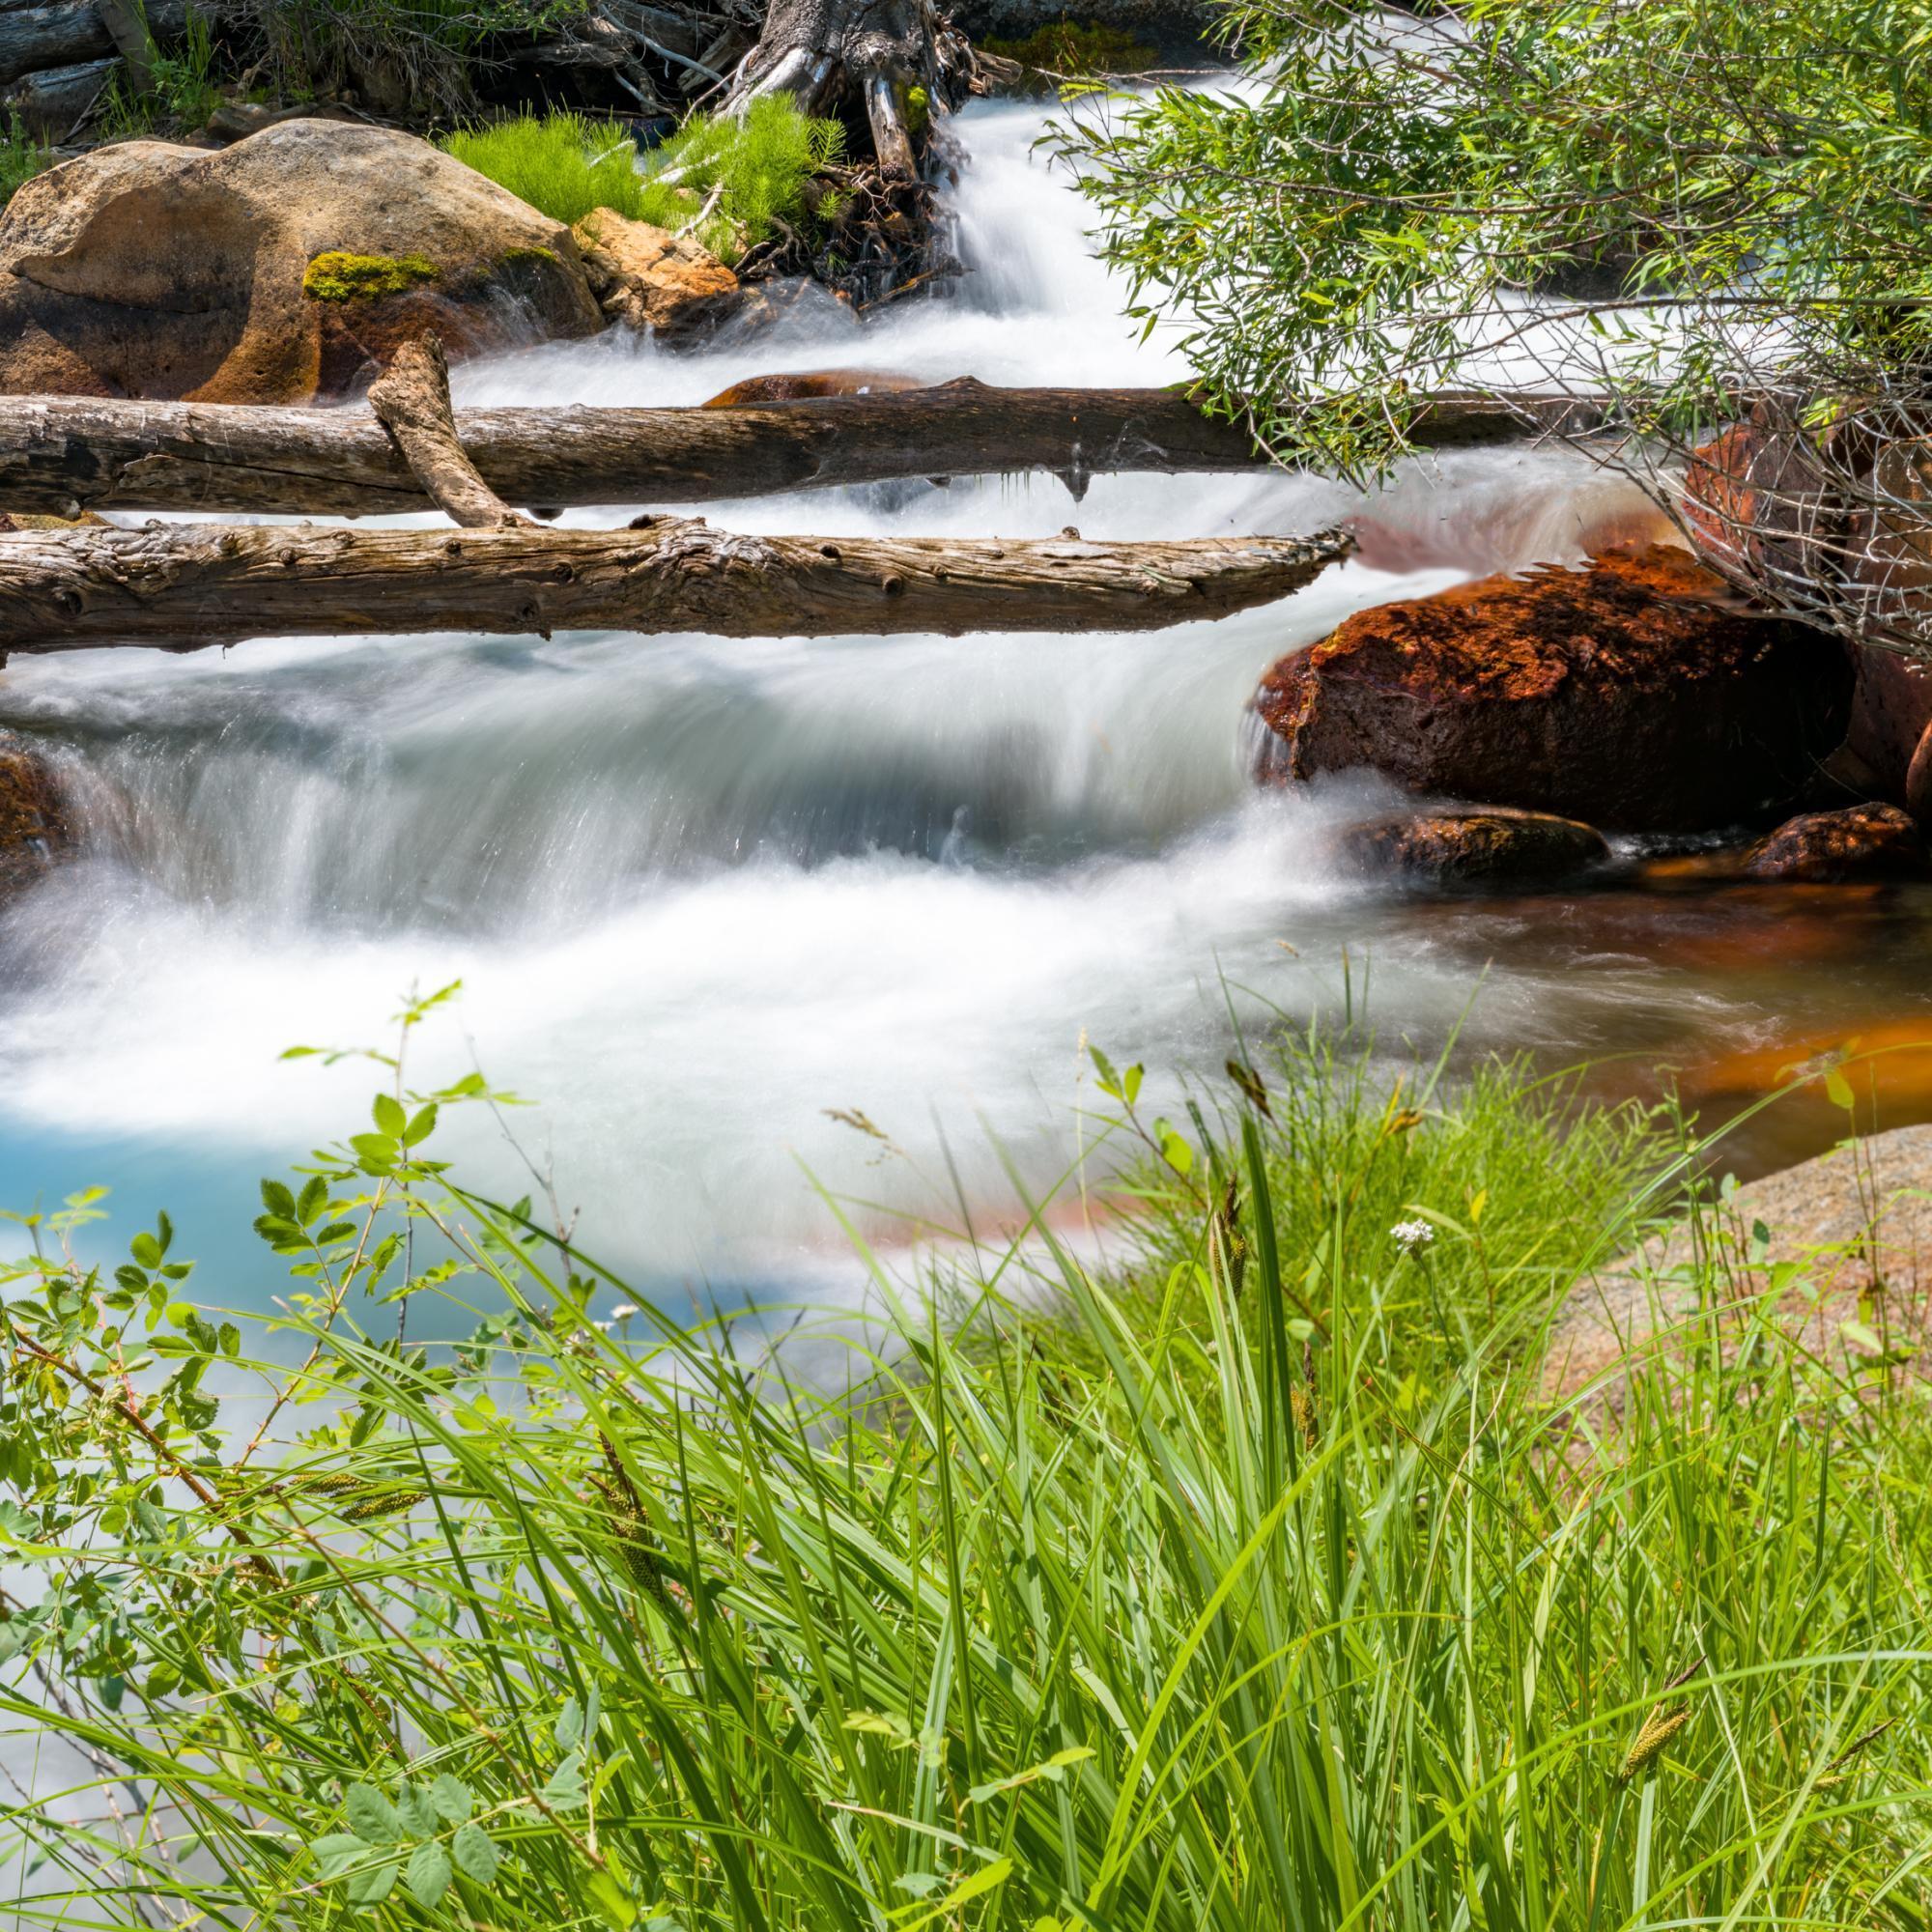 Yosemite Stream off the path